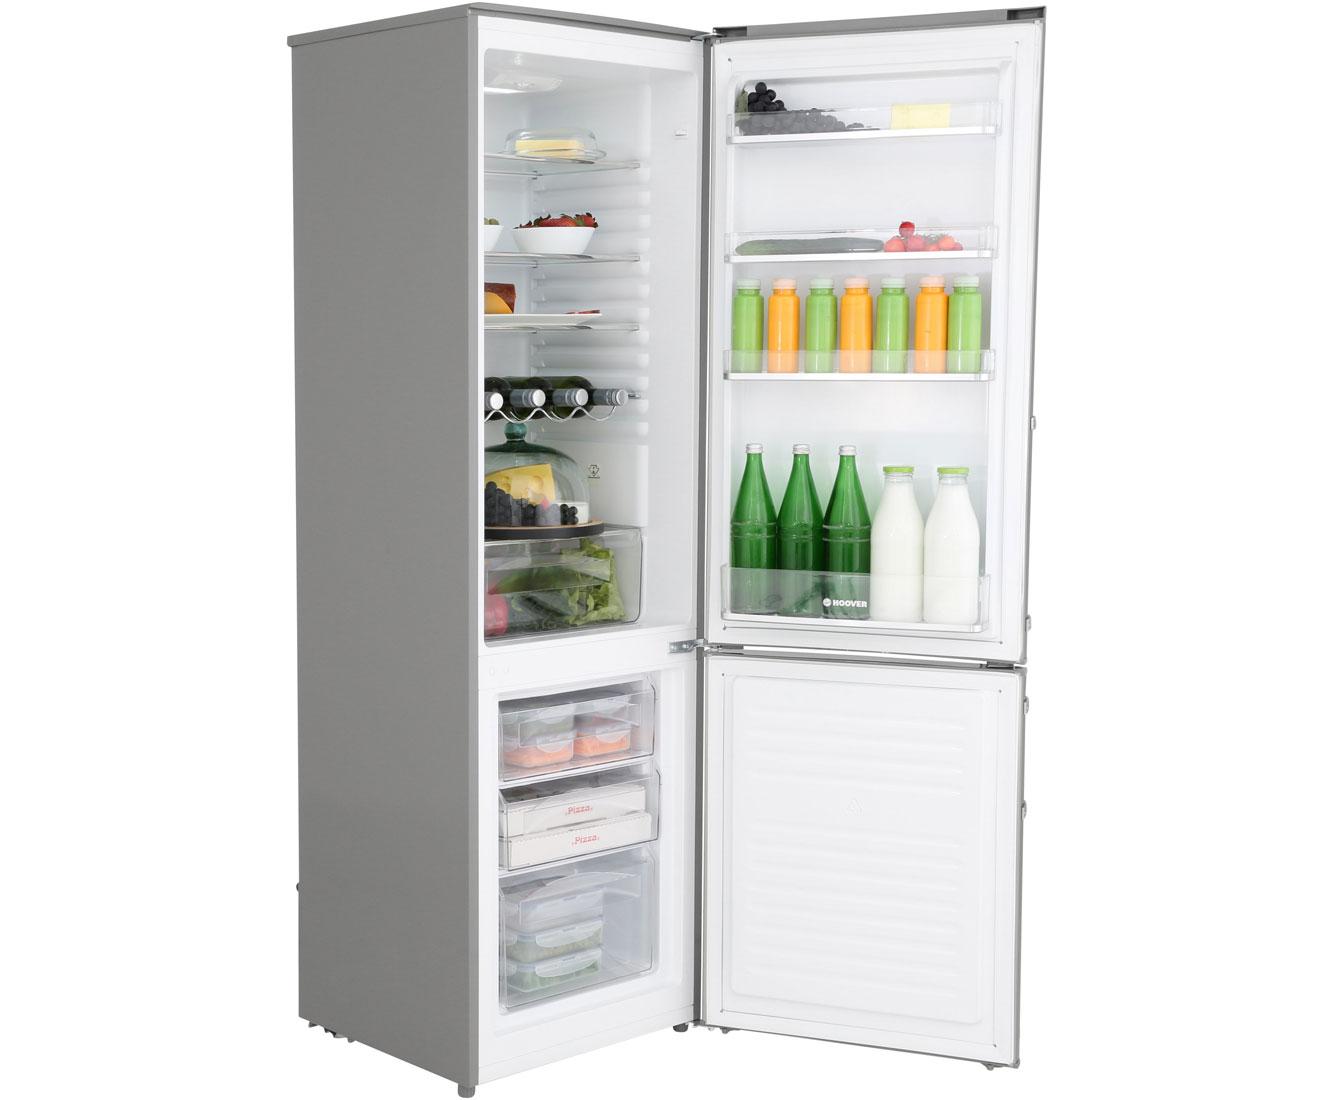 Bosch Kühlschrank No Frost Kühlt Nicht : Hoover hvbs 5174 xh kühl gefrierkombination 55er breite edelstahl